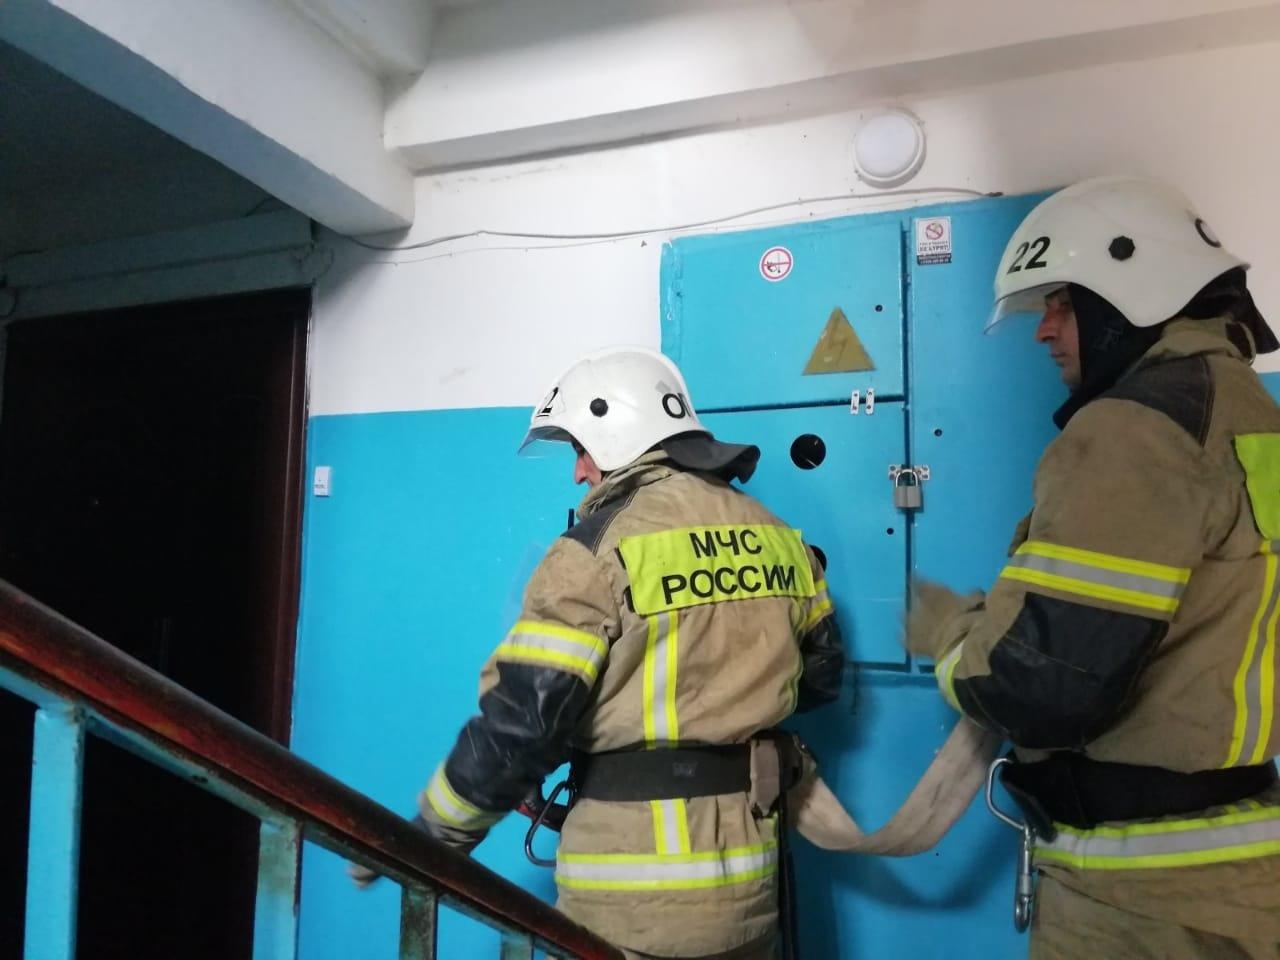 На пожаре в ГО Евпатория сотрудники МЧС России эвакуировали 20 человек